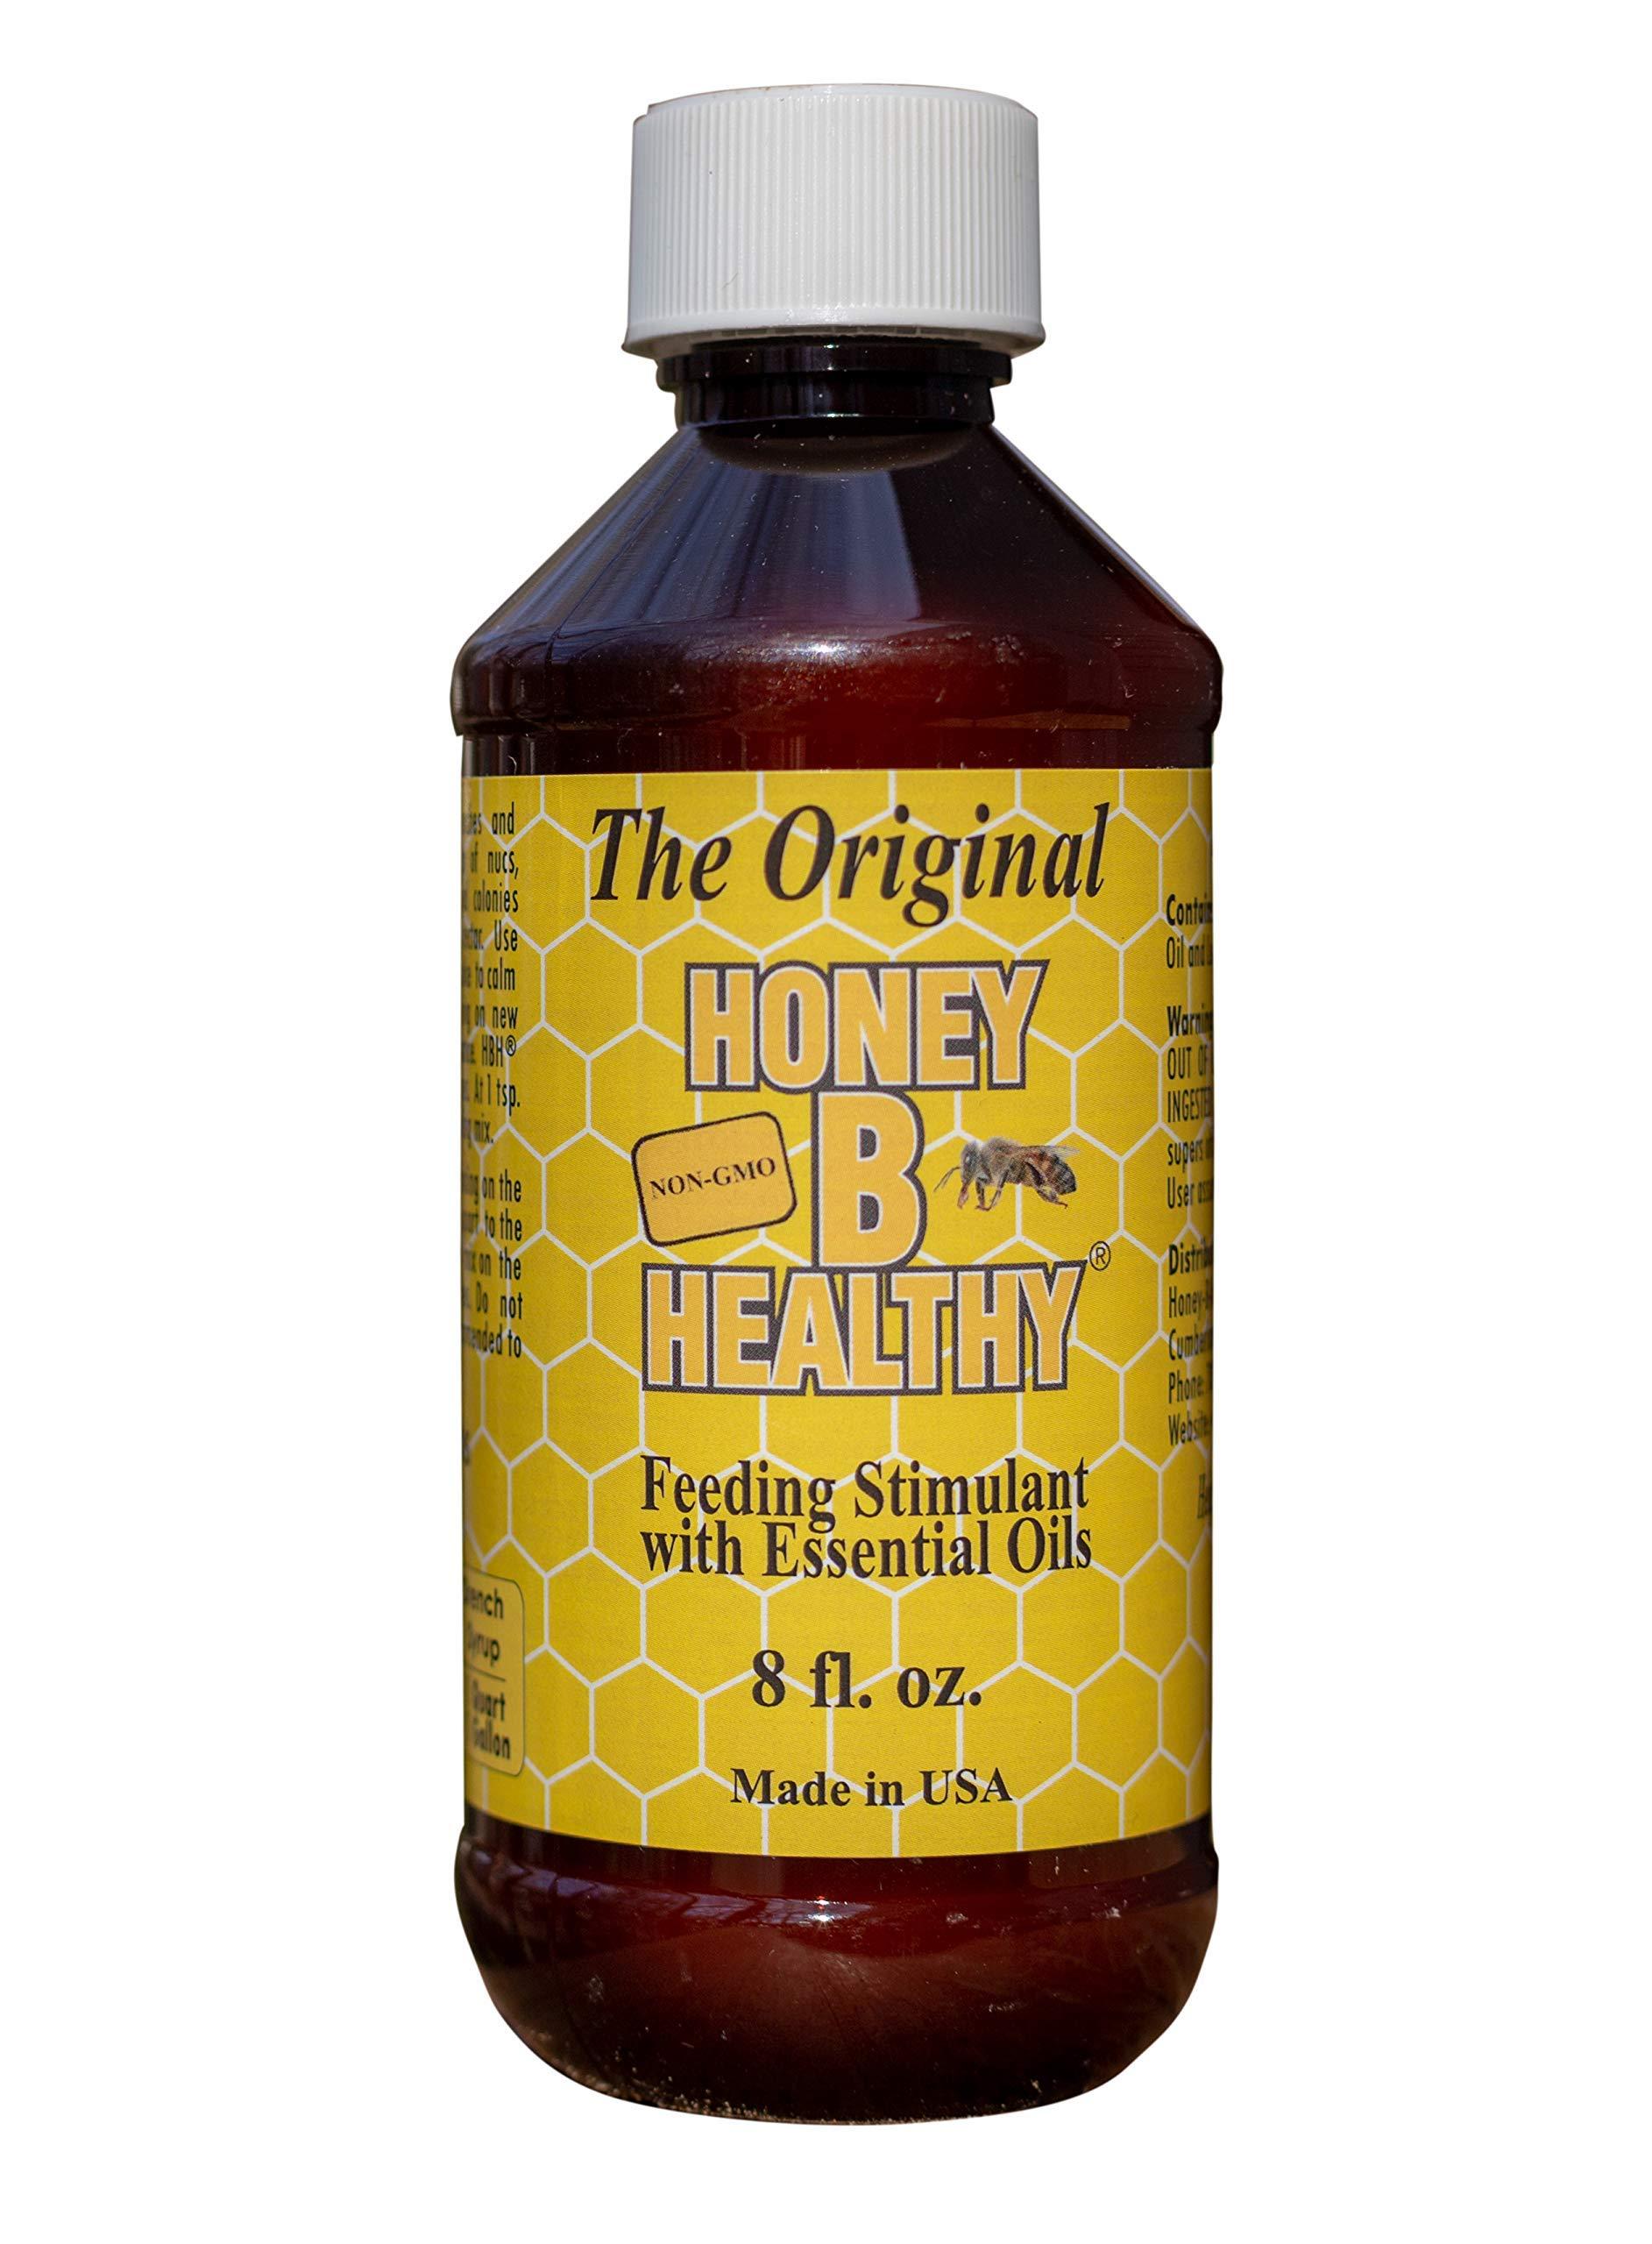 Honey B Healthy Original 8 oz. Bottle, Feeding Stimulant with Essential Oils by Honey B Healthy